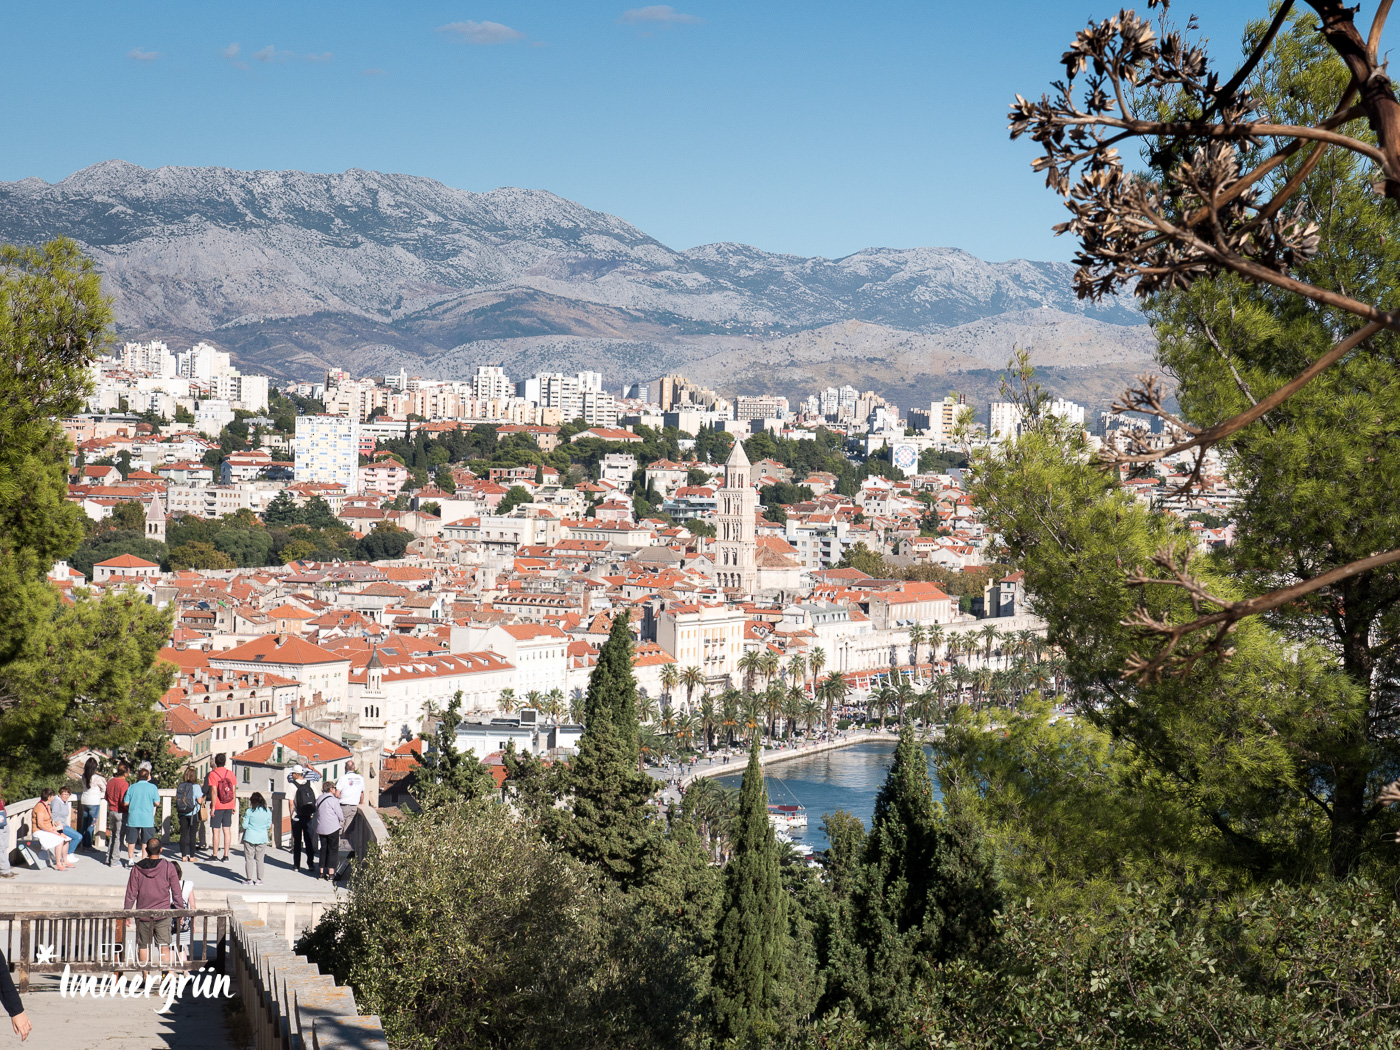 Dalmatien in Kroatien: Urlaub an der dalmatinischen Küste in der Nebensaison – Split, Blick vom Park Sustipan - die grüne Oase auf der Halbinsel Marjan